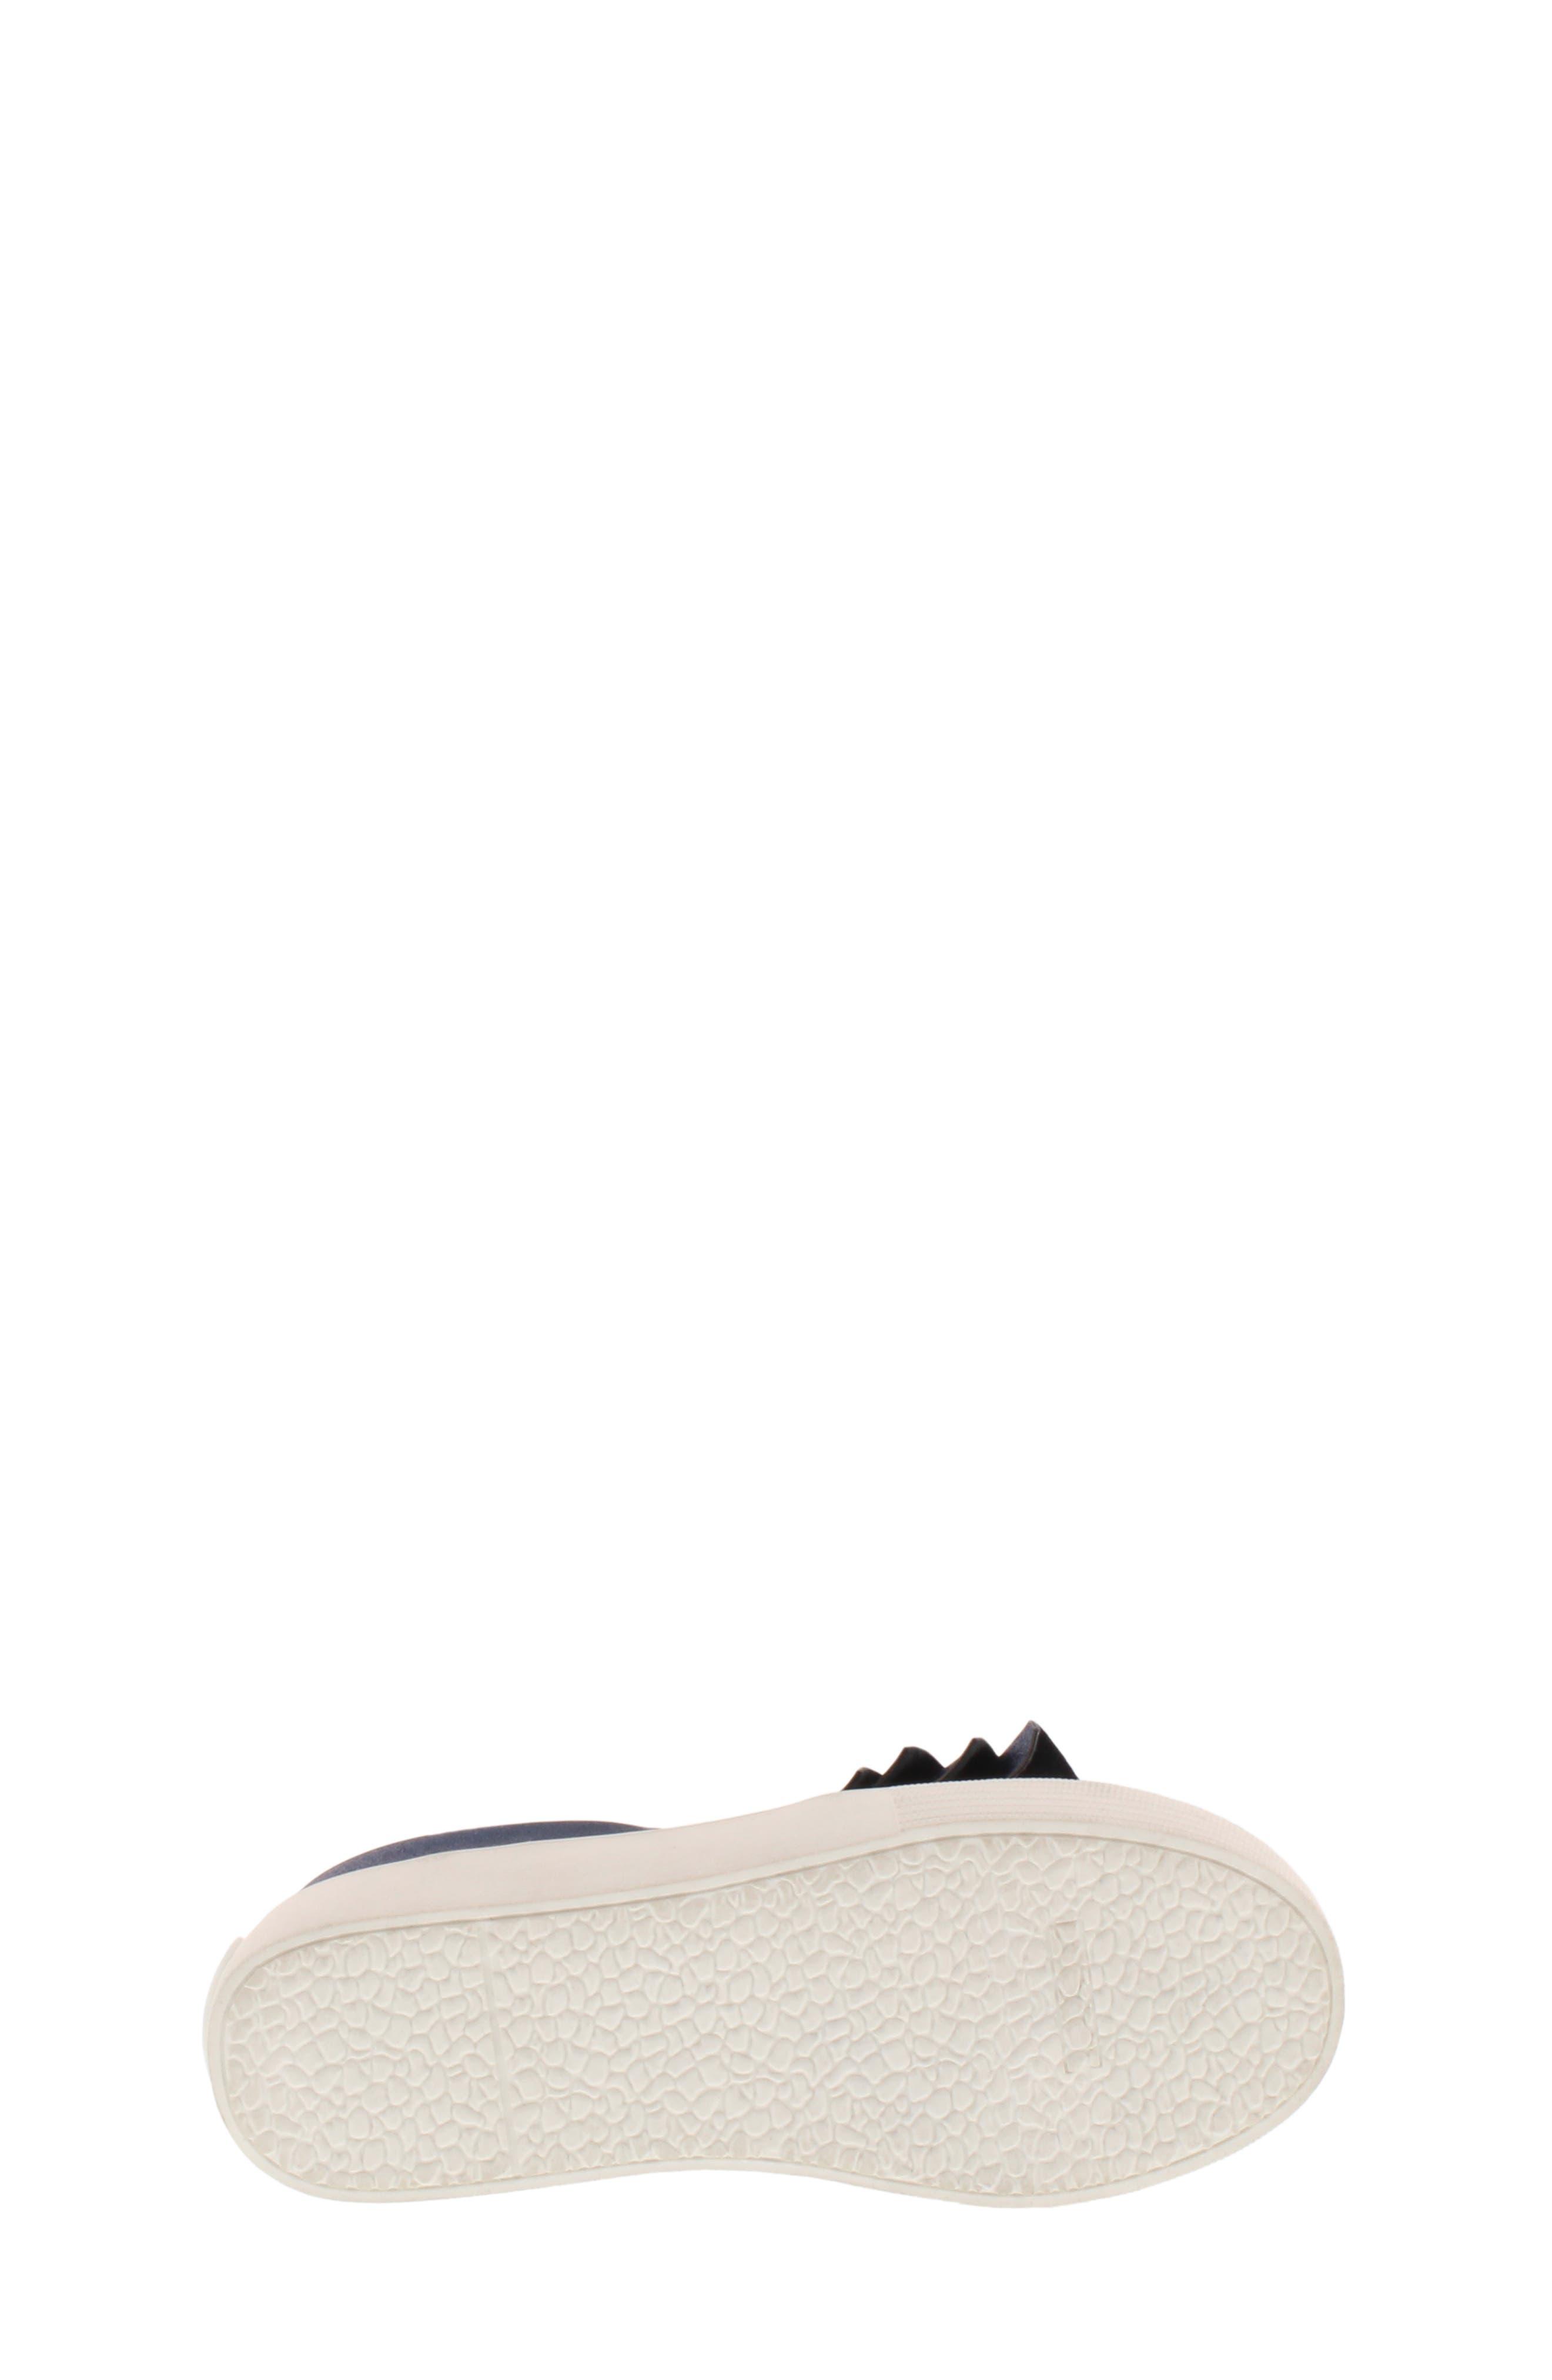 Shimmery Kam Ruffle Slip-On Sneaker,                             Alternate thumbnail 6, color,                             NAVY